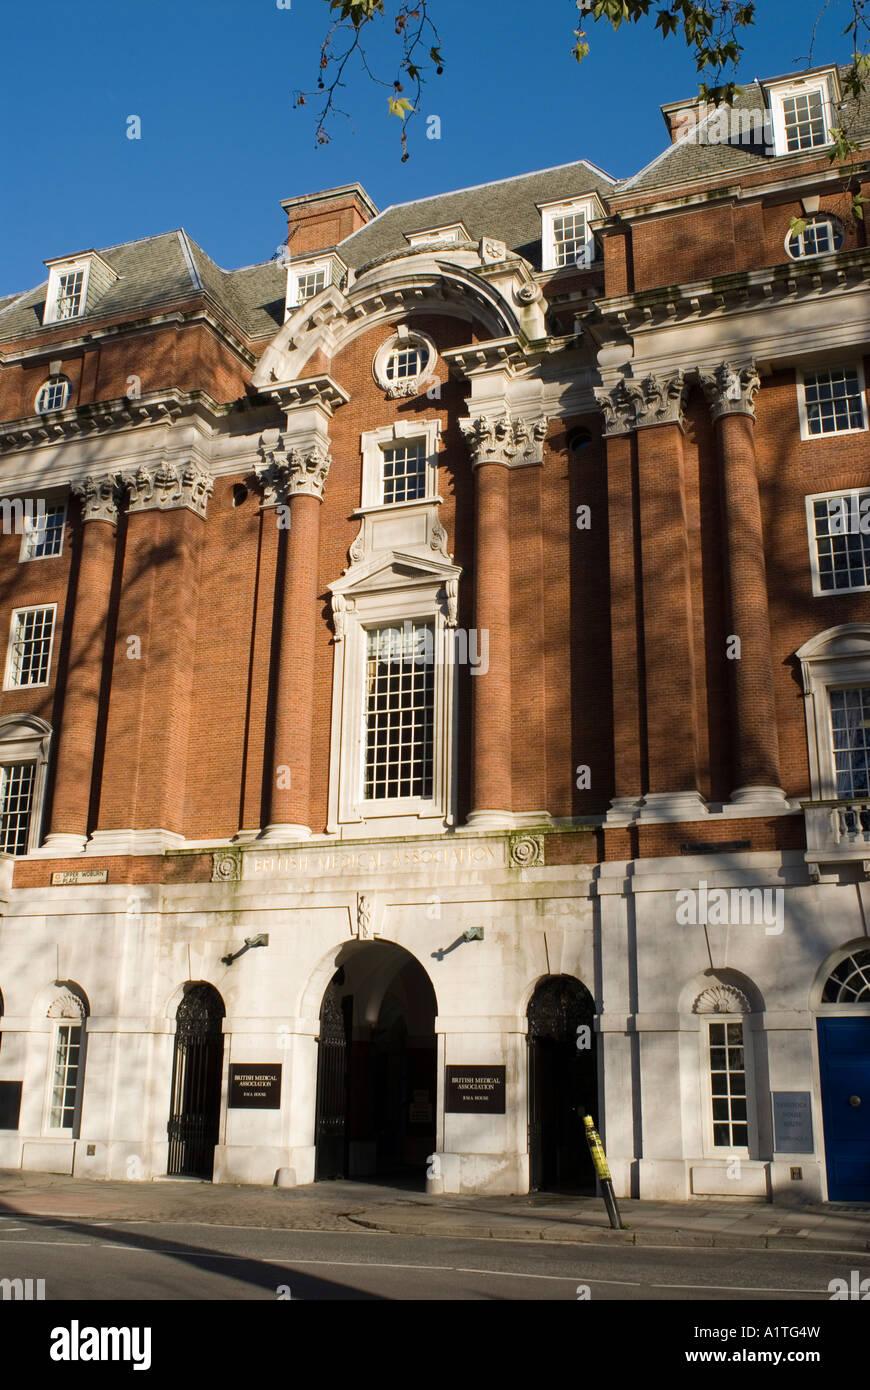 Edificio de la Asociación Médica Británica en Londres, Gran Bretaña. Imagen De Stock